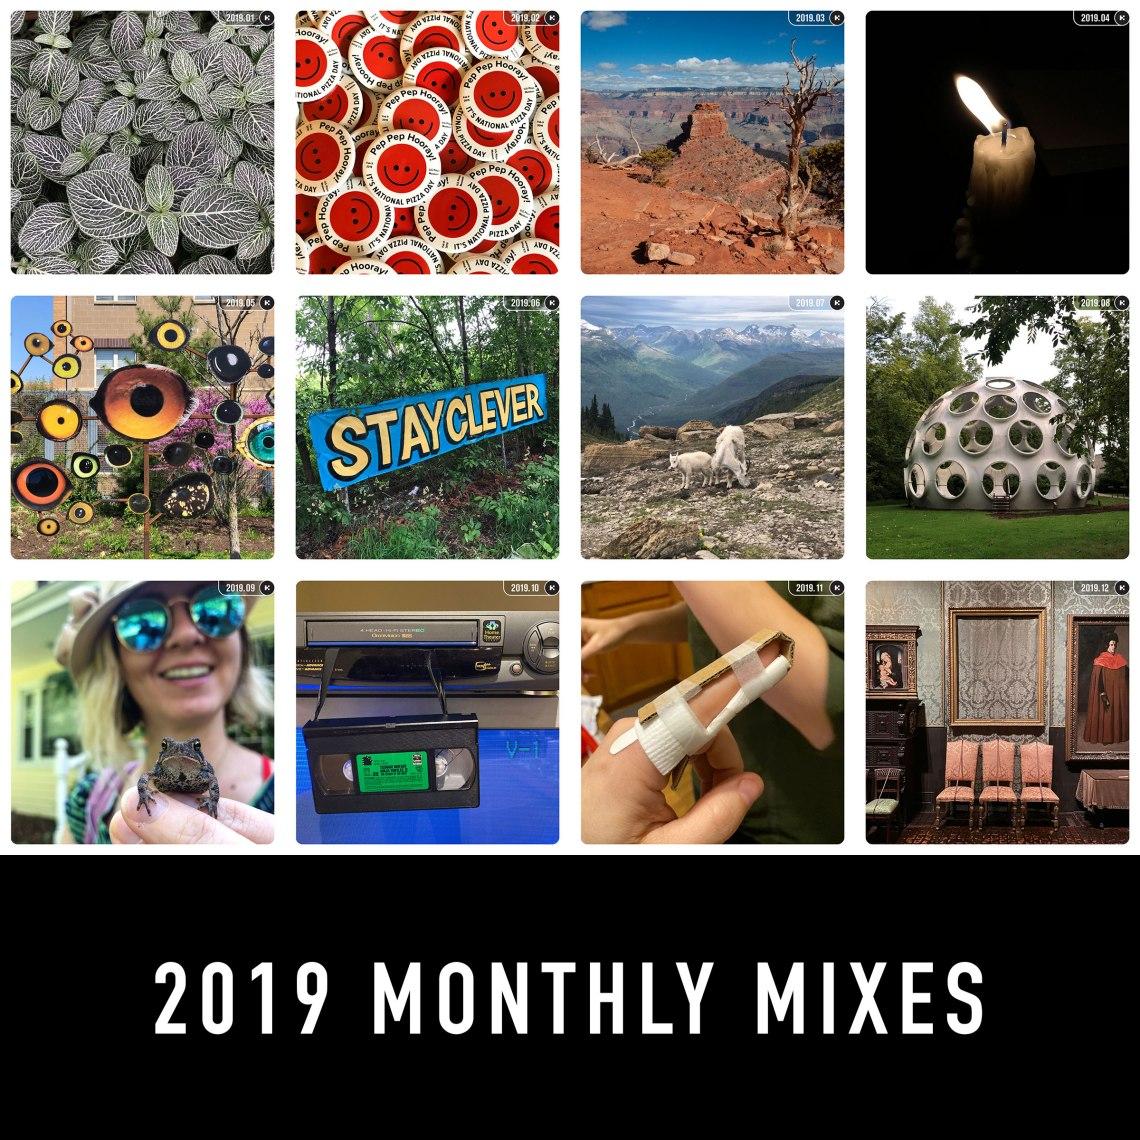 2019_MonthlyMixes_2400